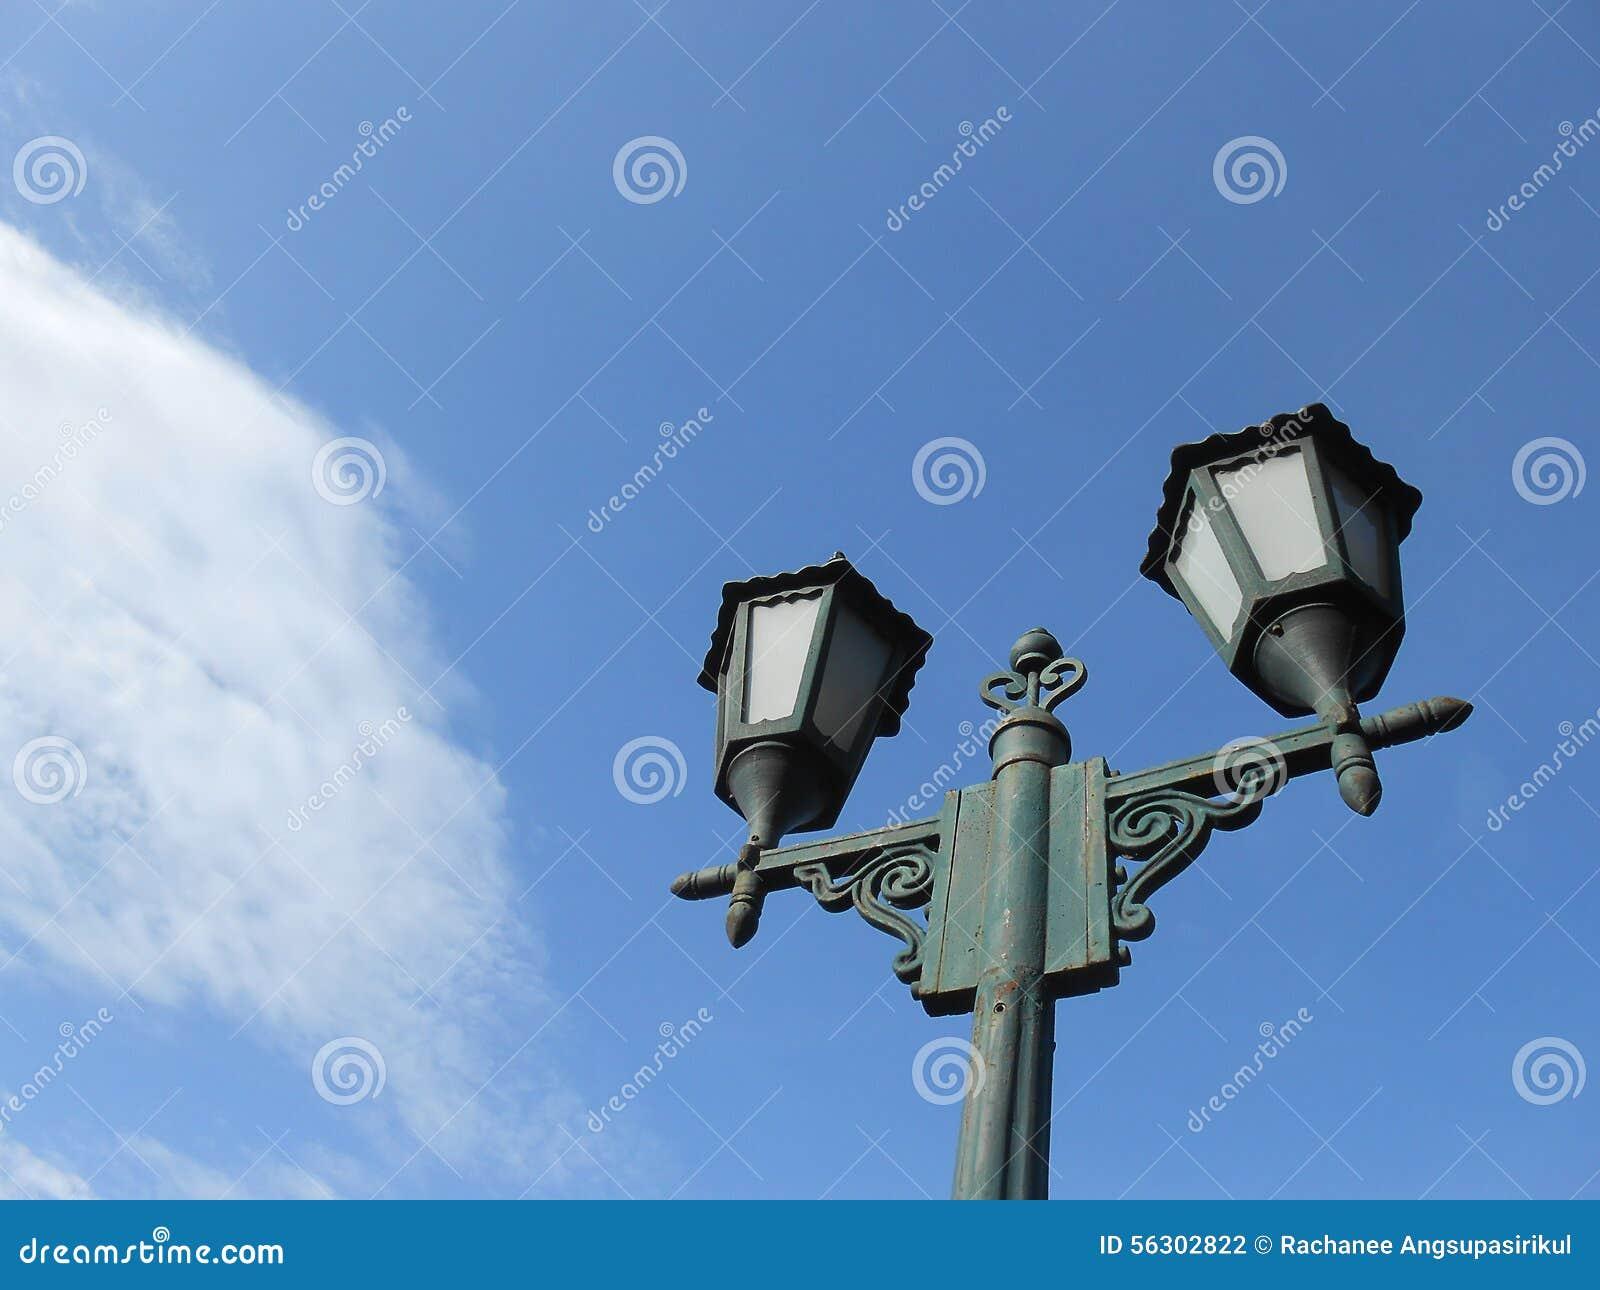 Laternenpfahl im blauen Himmel